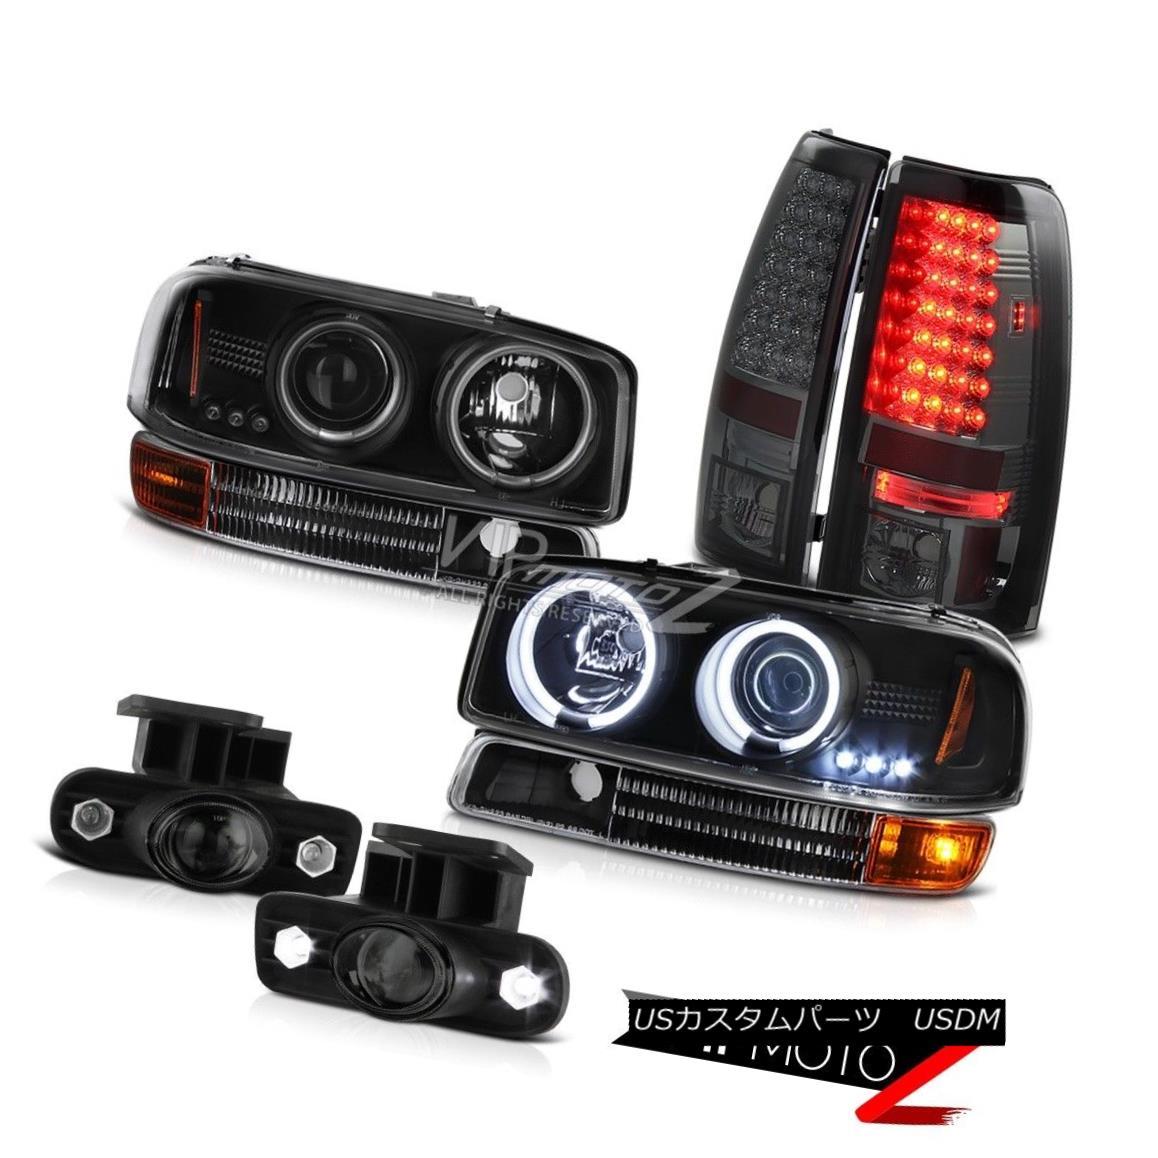 ヘッドライト 99-03 Sierra WT CCFL Angel Eye Projector Headlight LED Brake Tail Light Halo Fog 99-03 Sierra WT CCFLエンジェルアイプロジェクターヘッドライトLEDブレーキテールライトHalo Fog